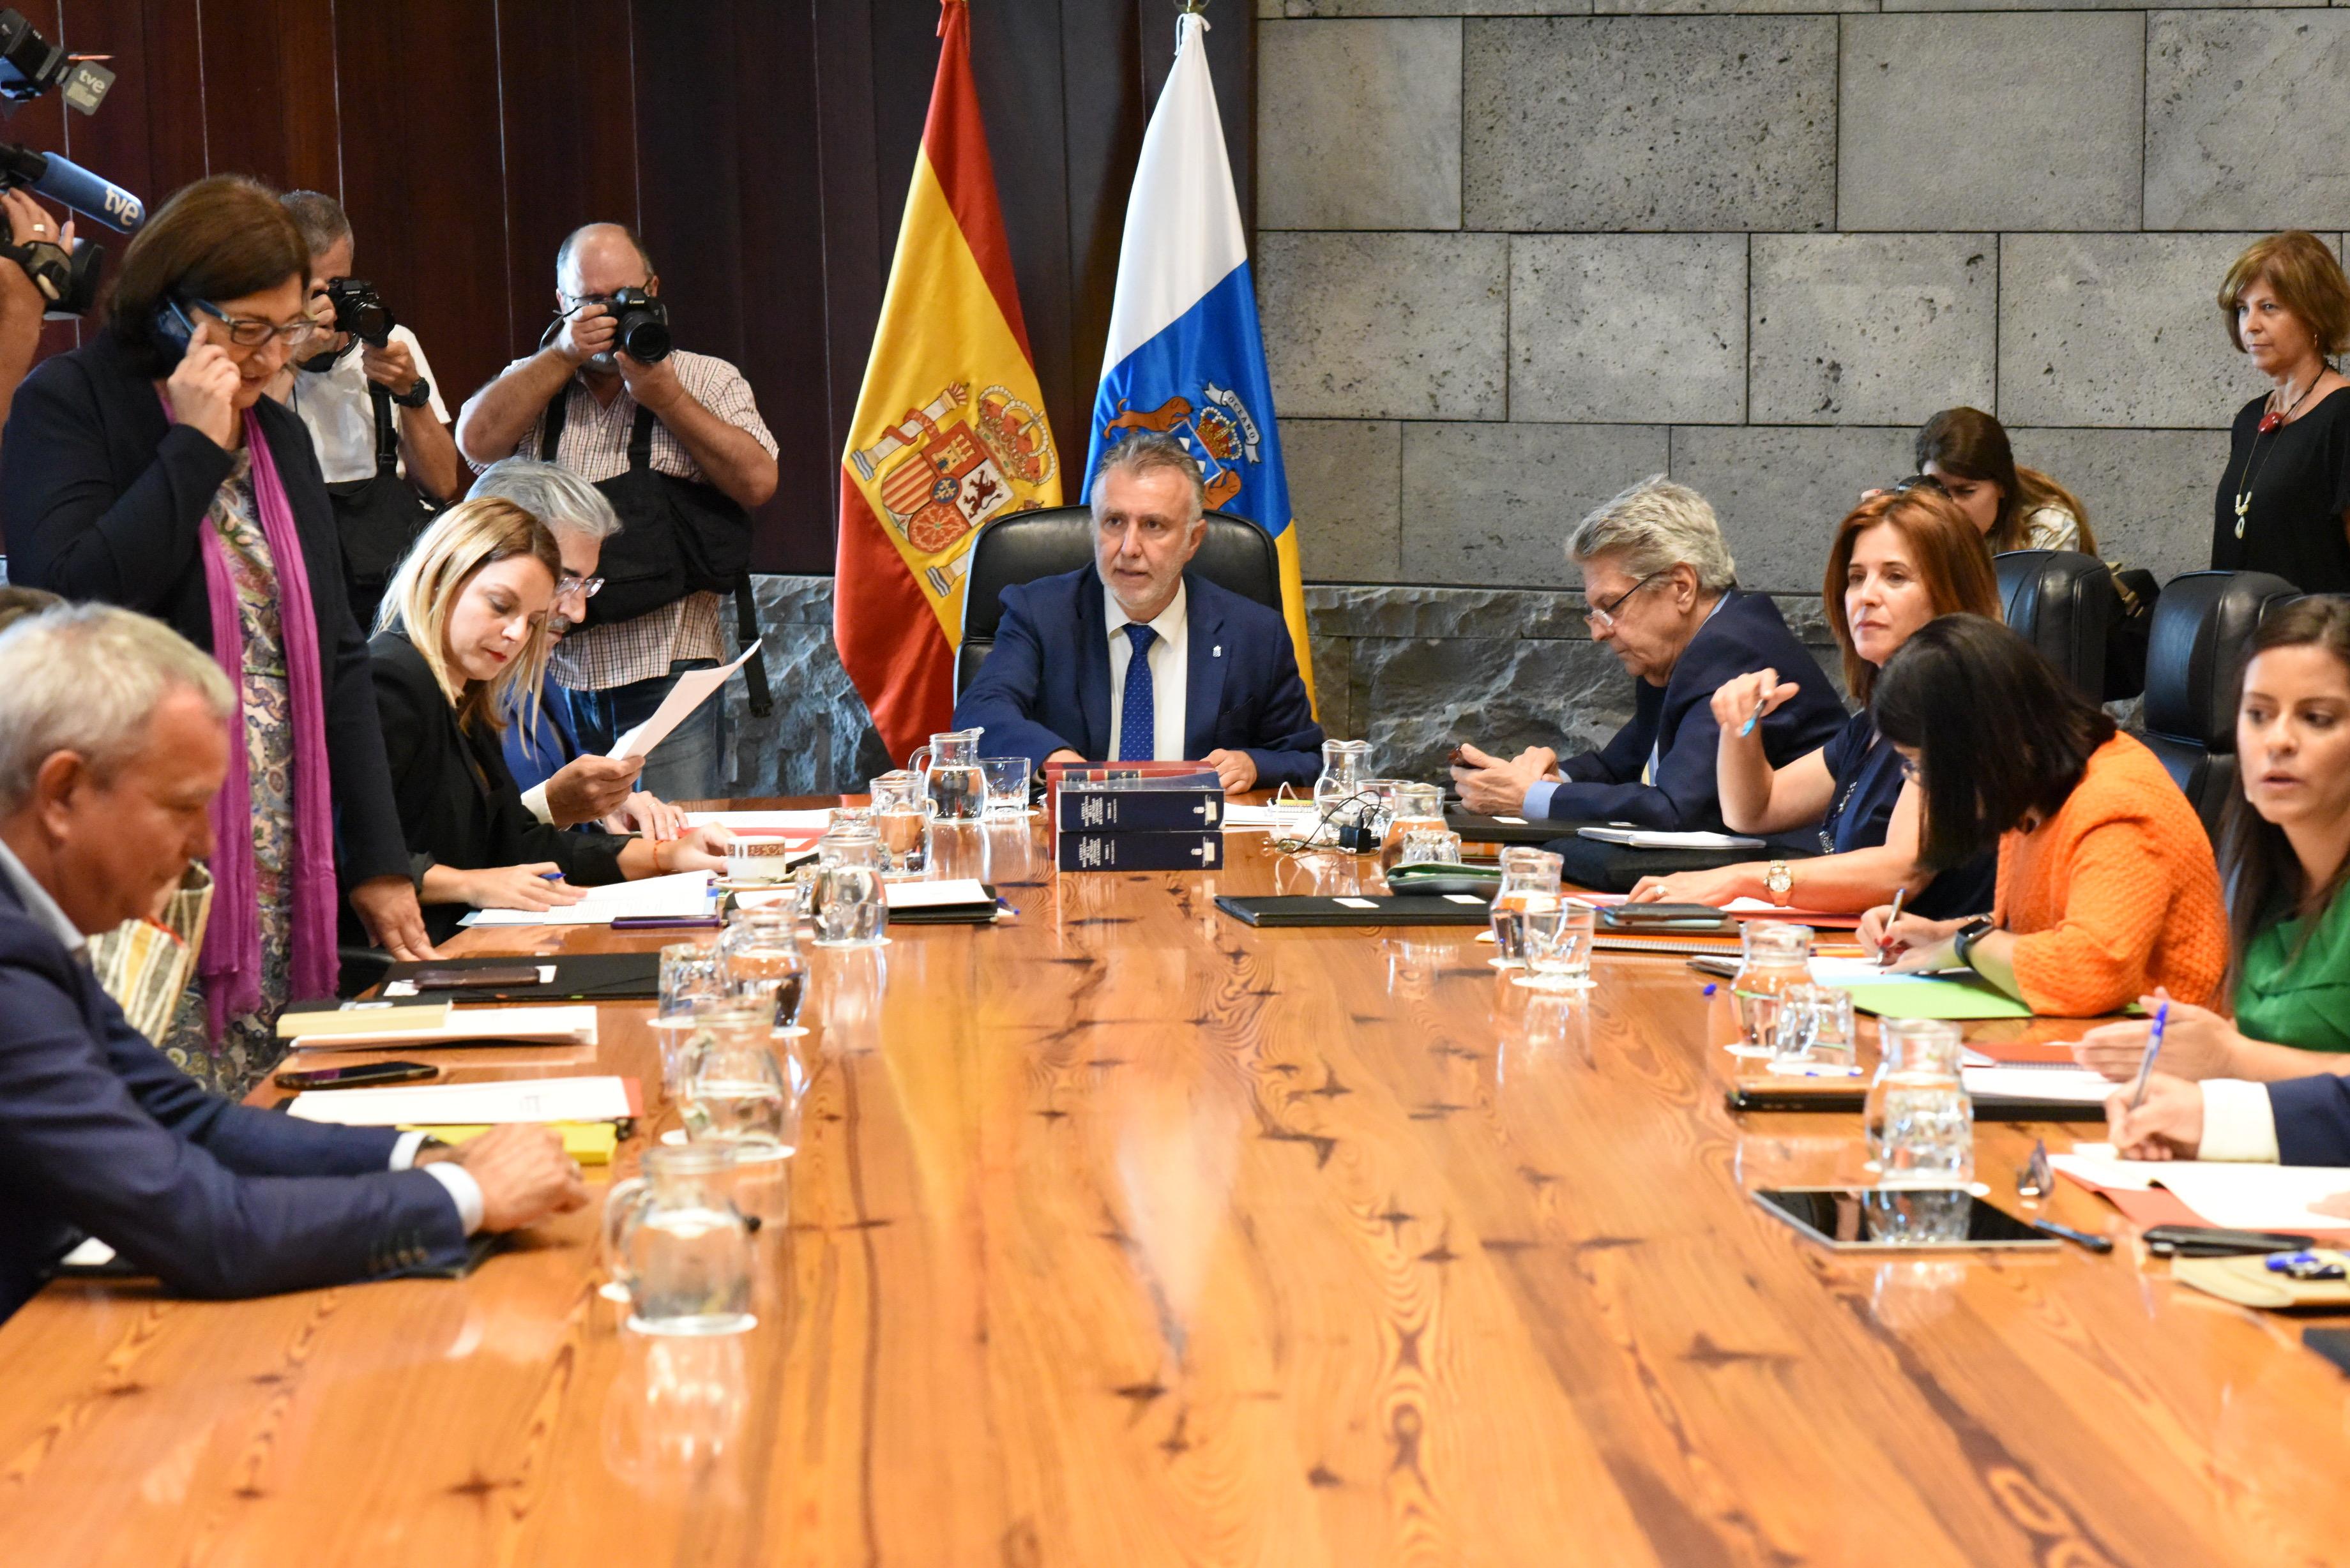 Ángel Víctor Torres preside la reunión del Consejo de Gobierno